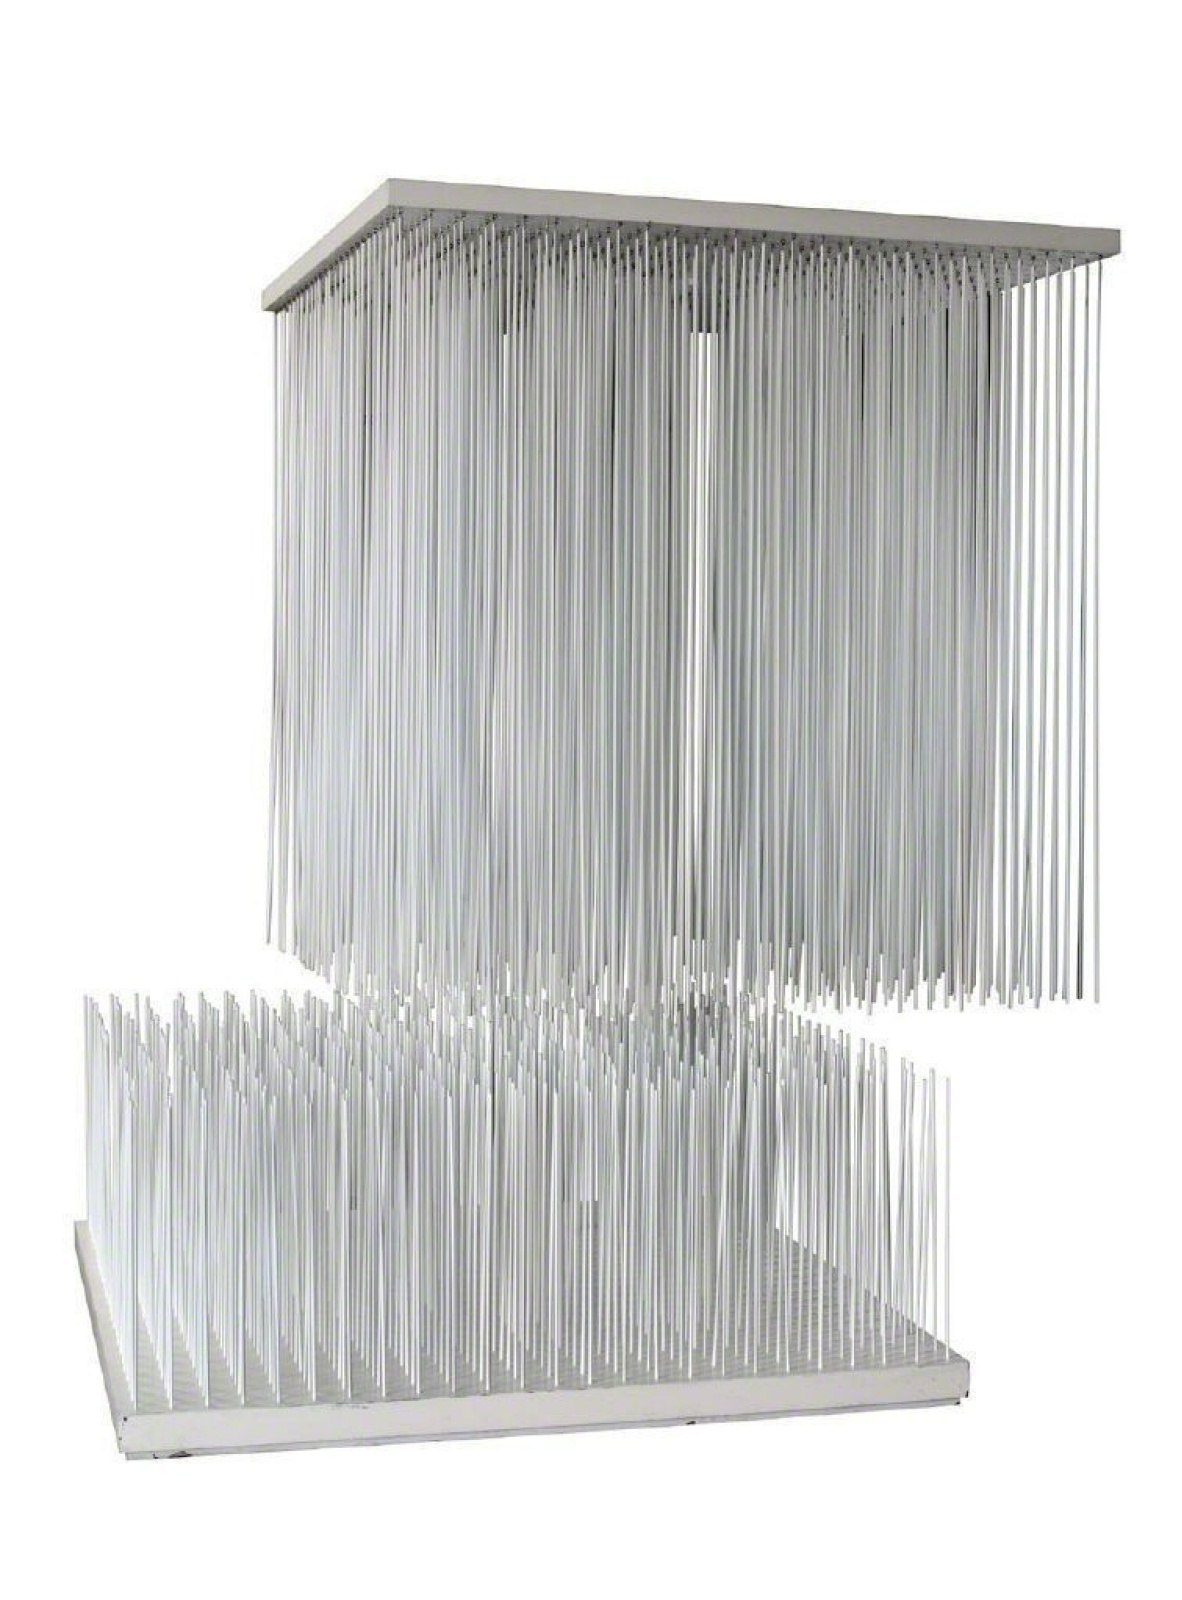 Хесус Рафаэль Сото. Куб и пространство